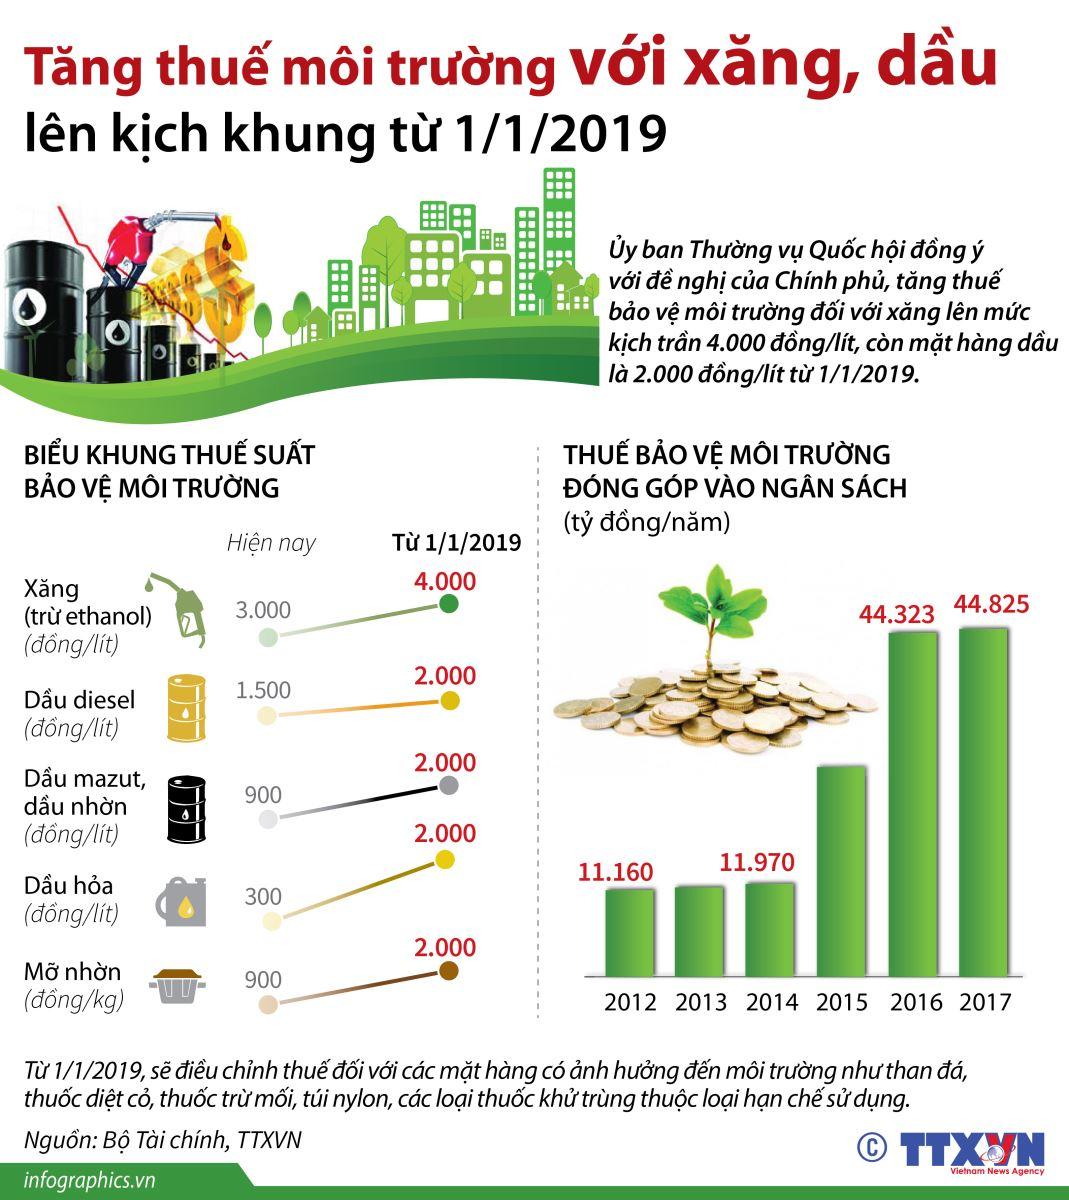 Mức tăng thuế bảo vệ môi trường với xăng dầu từ 1/1/2019.